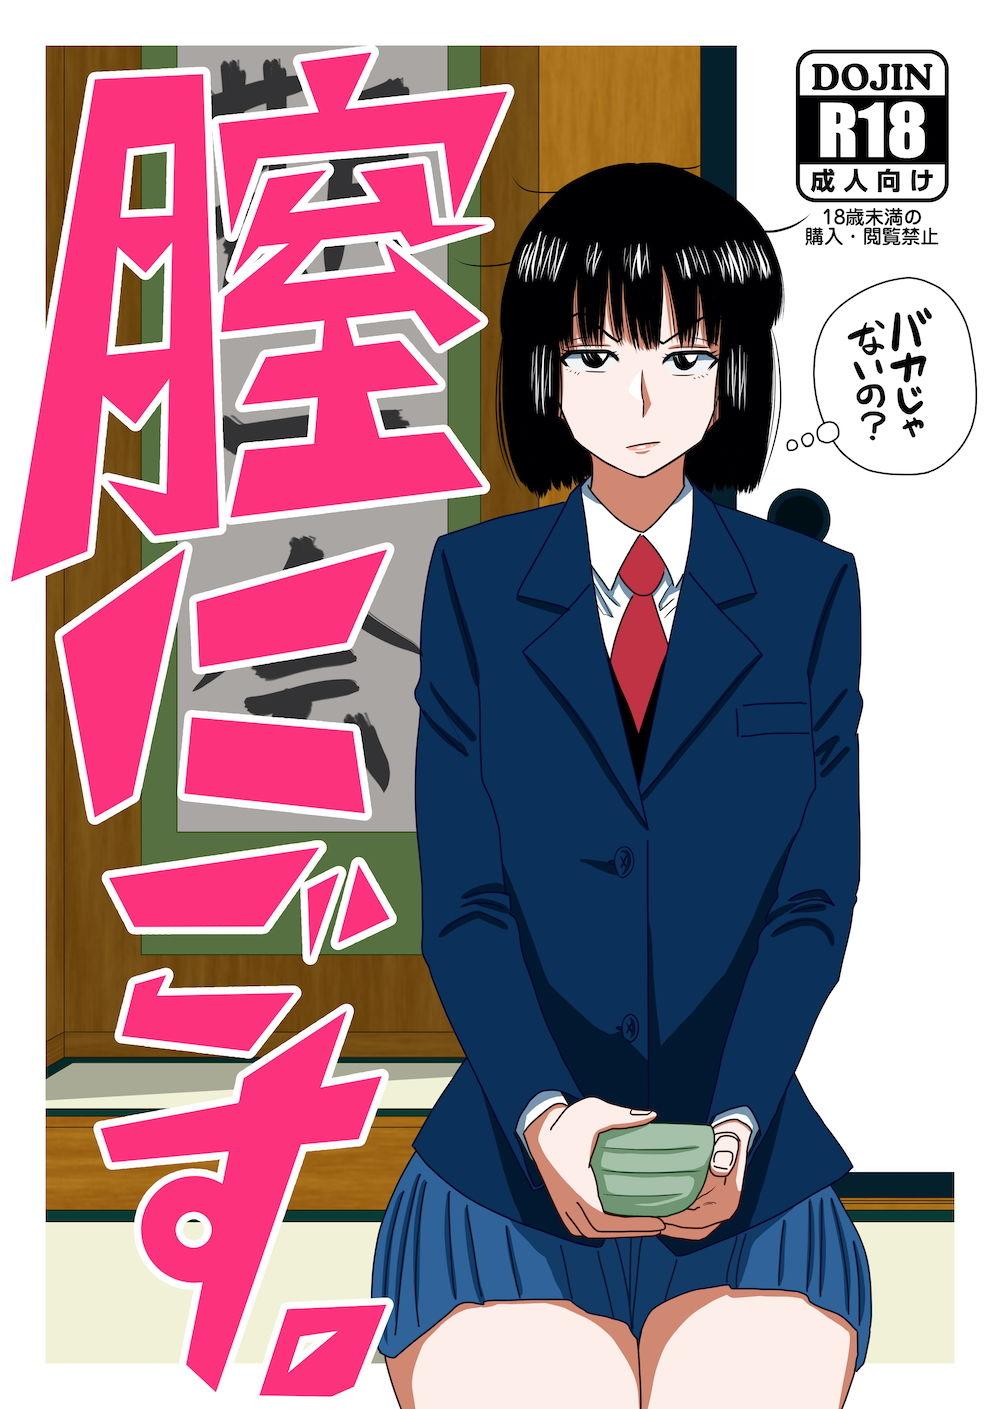 【茶道部女子×売春】『膣にごす。』アニメ画像